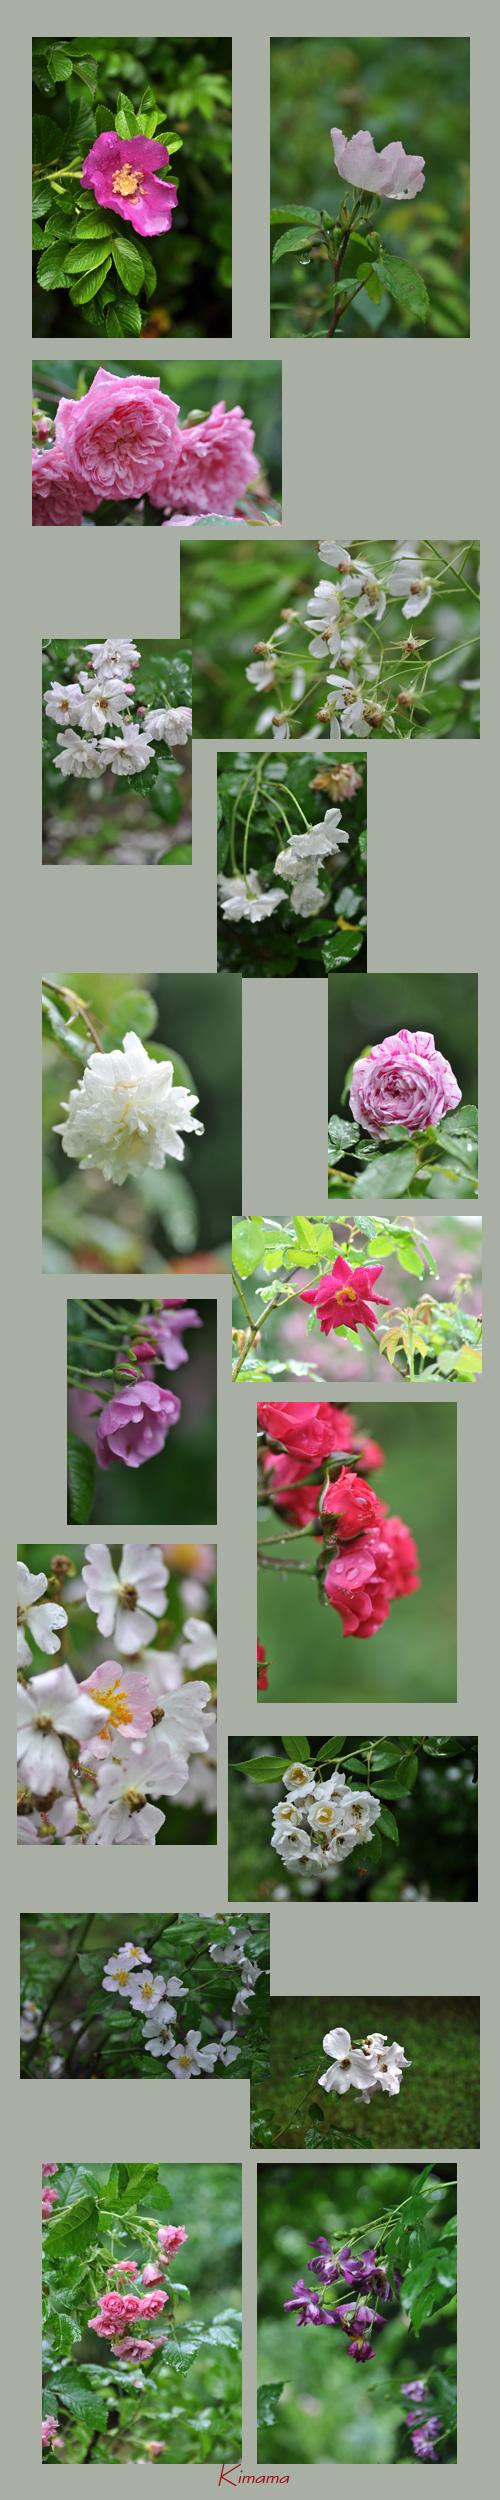 7月14日秘密の花園2